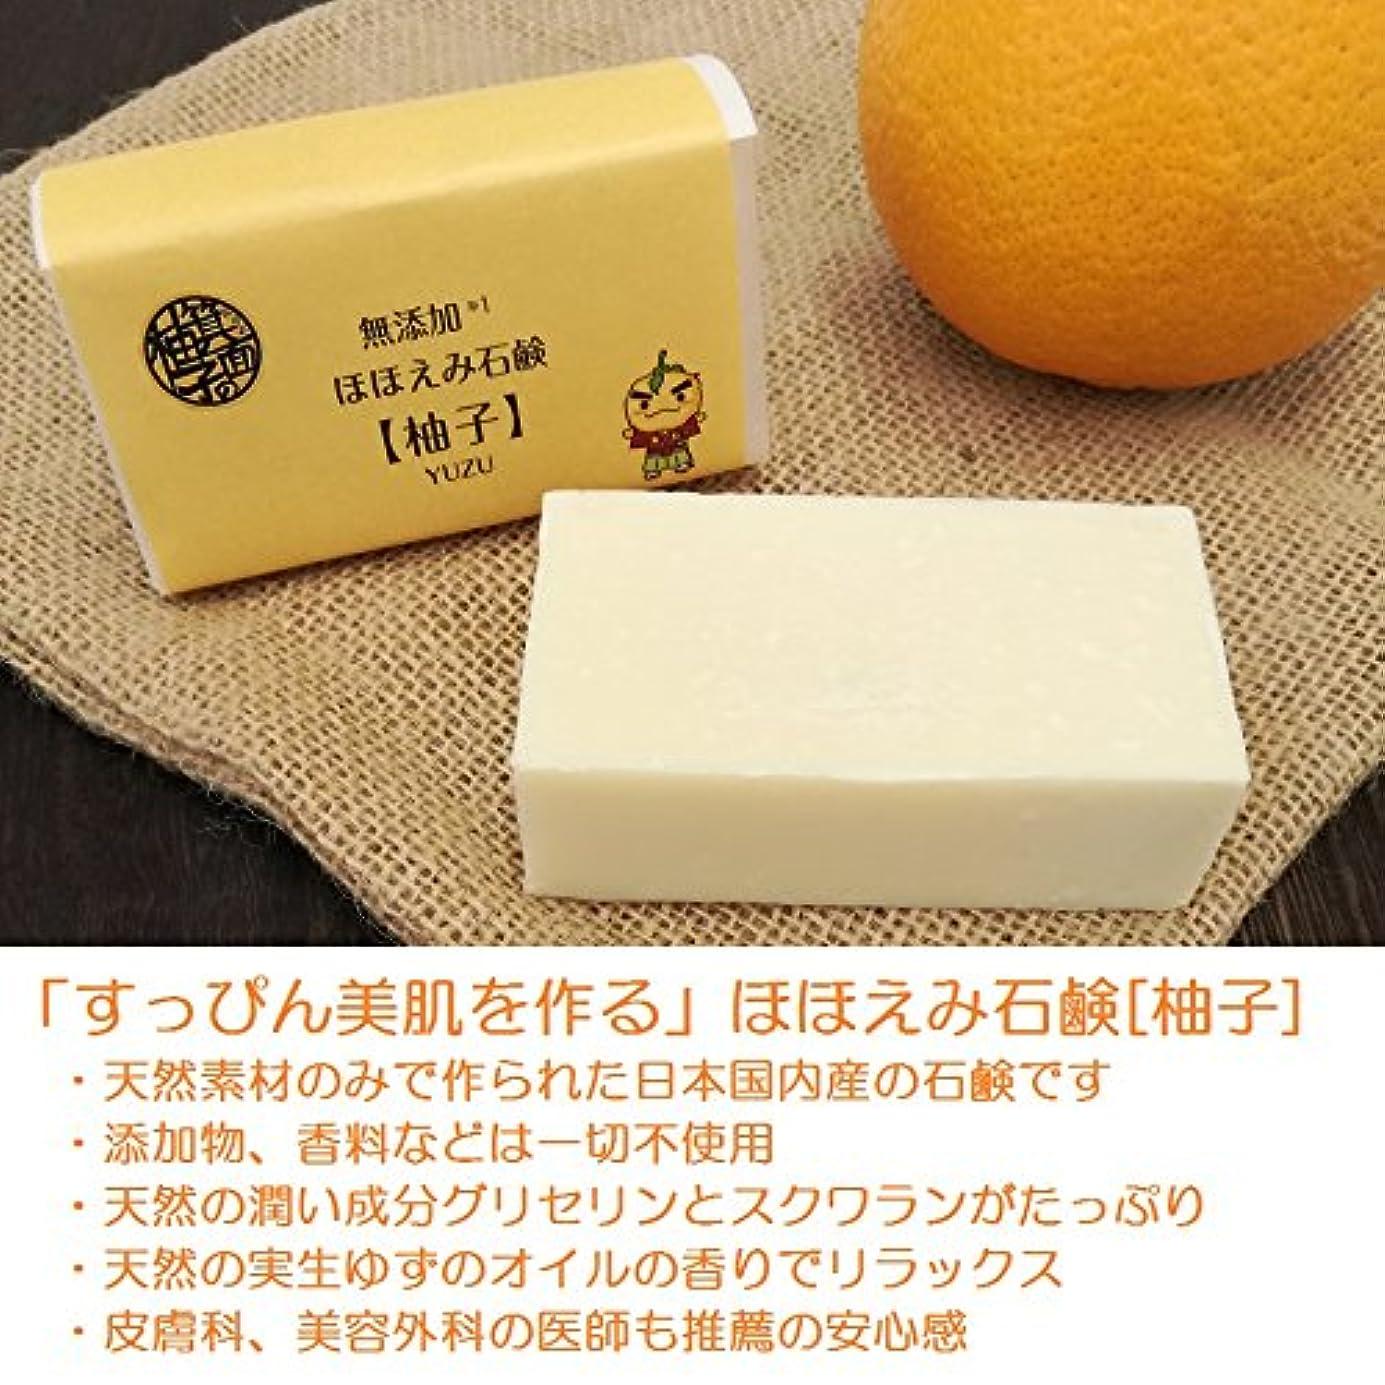 ごみ五十ラグすっぴん美肌を作る ほほえみ石鹸 柚子 オリーブオイル 無添加 オーガニック 日本製 80g